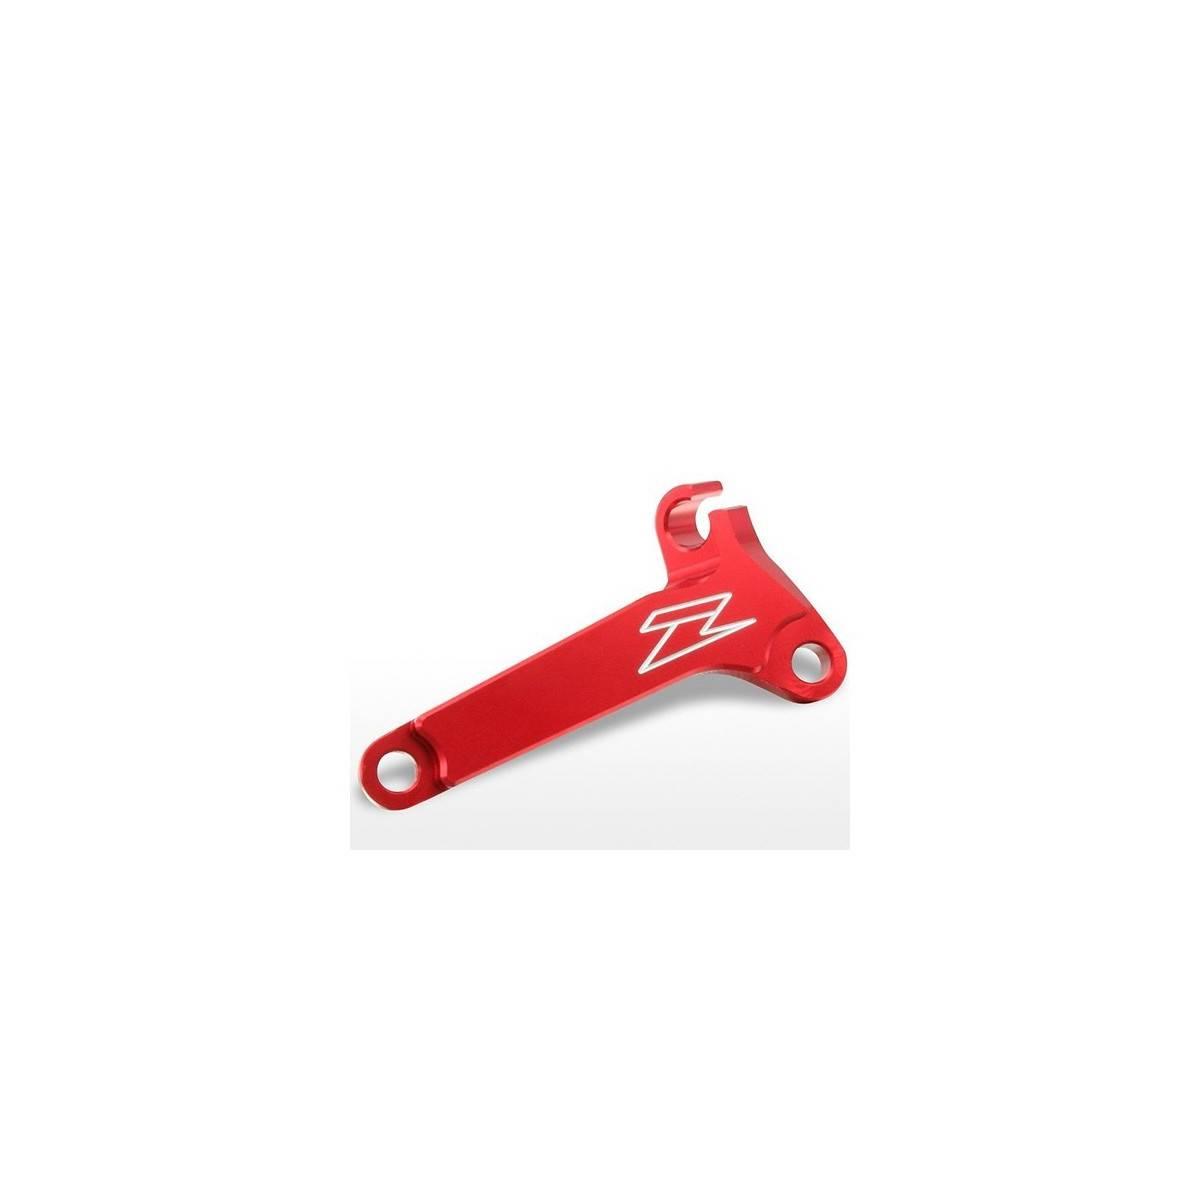 ZE94.0151 - Leva Cable Embrague Zeta Crf450R´15 Rojo